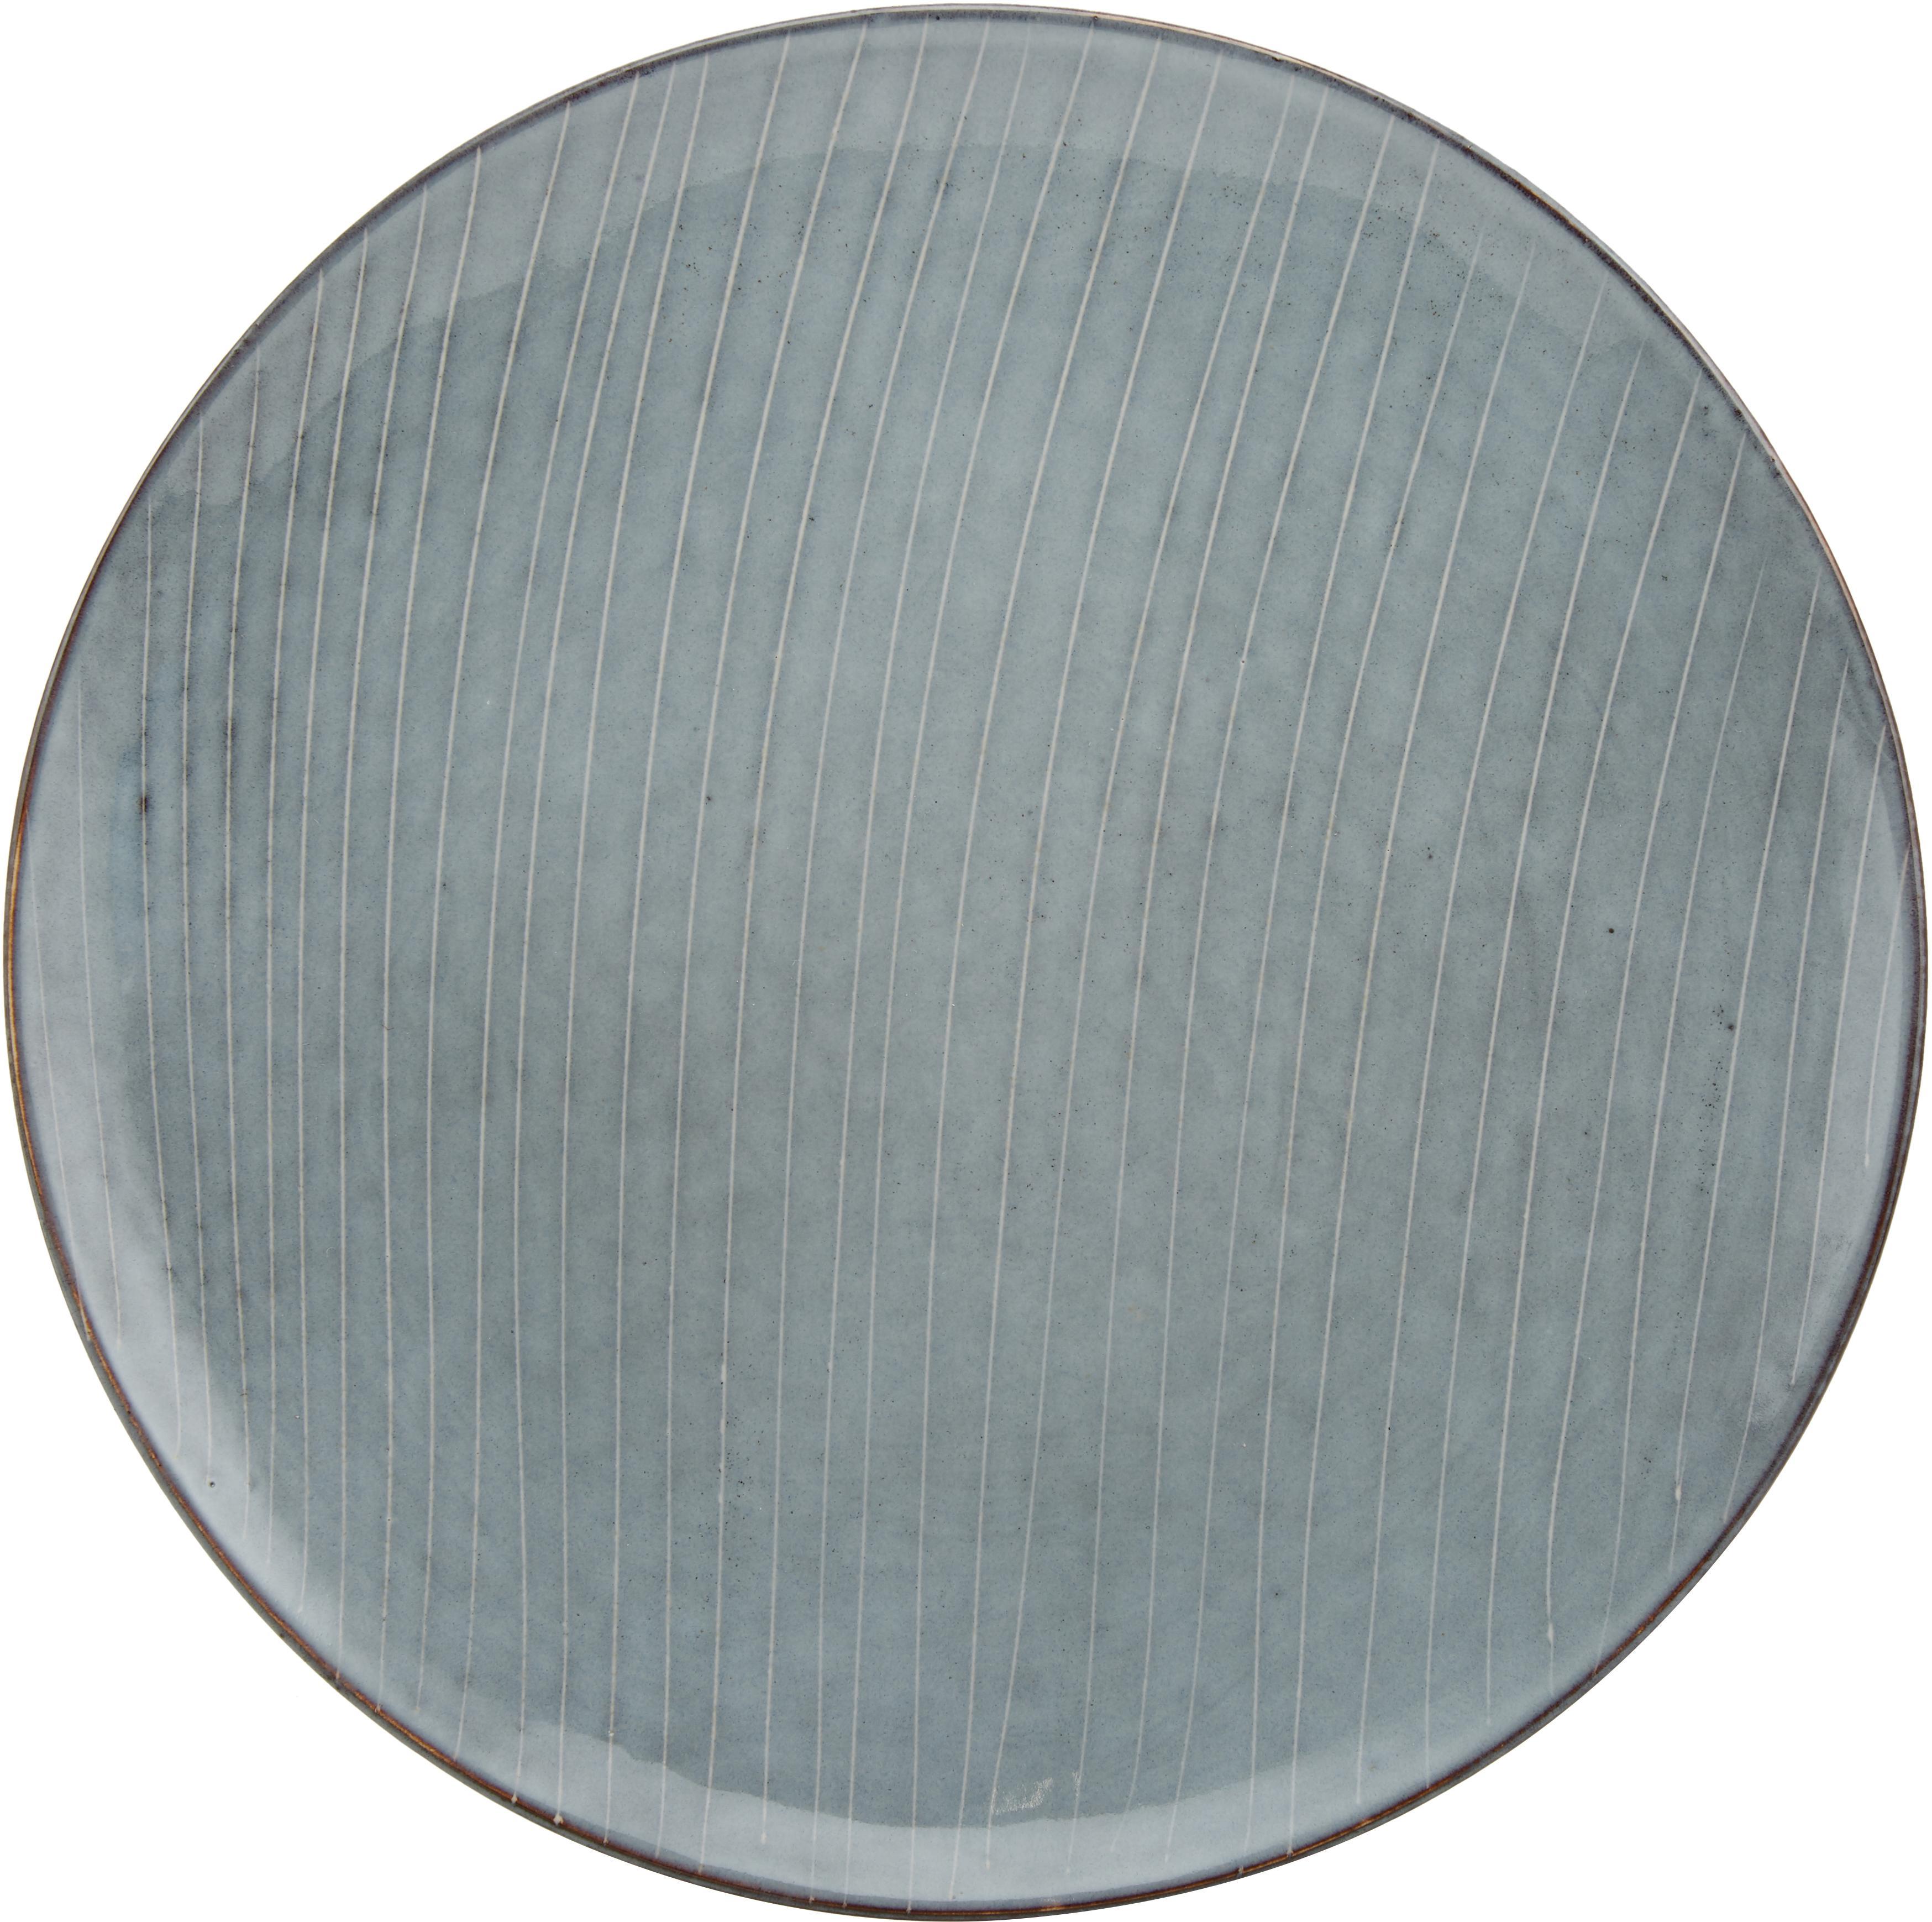 Piatto piano in terracotta fatto a mano Nordic Sea 4 pz, Terracotta, Grigio e tonalità blu, Ø 26 cm